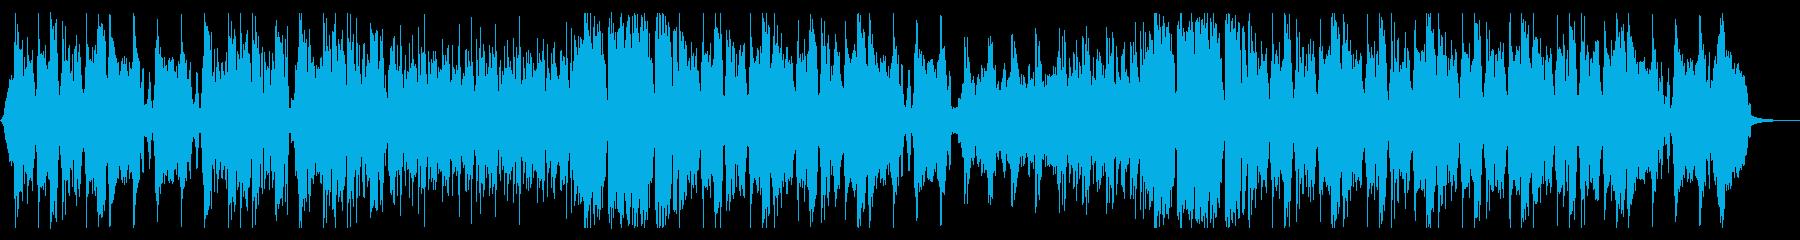 壮大でインパクトのあるトレーラー音楽の再生済みの波形